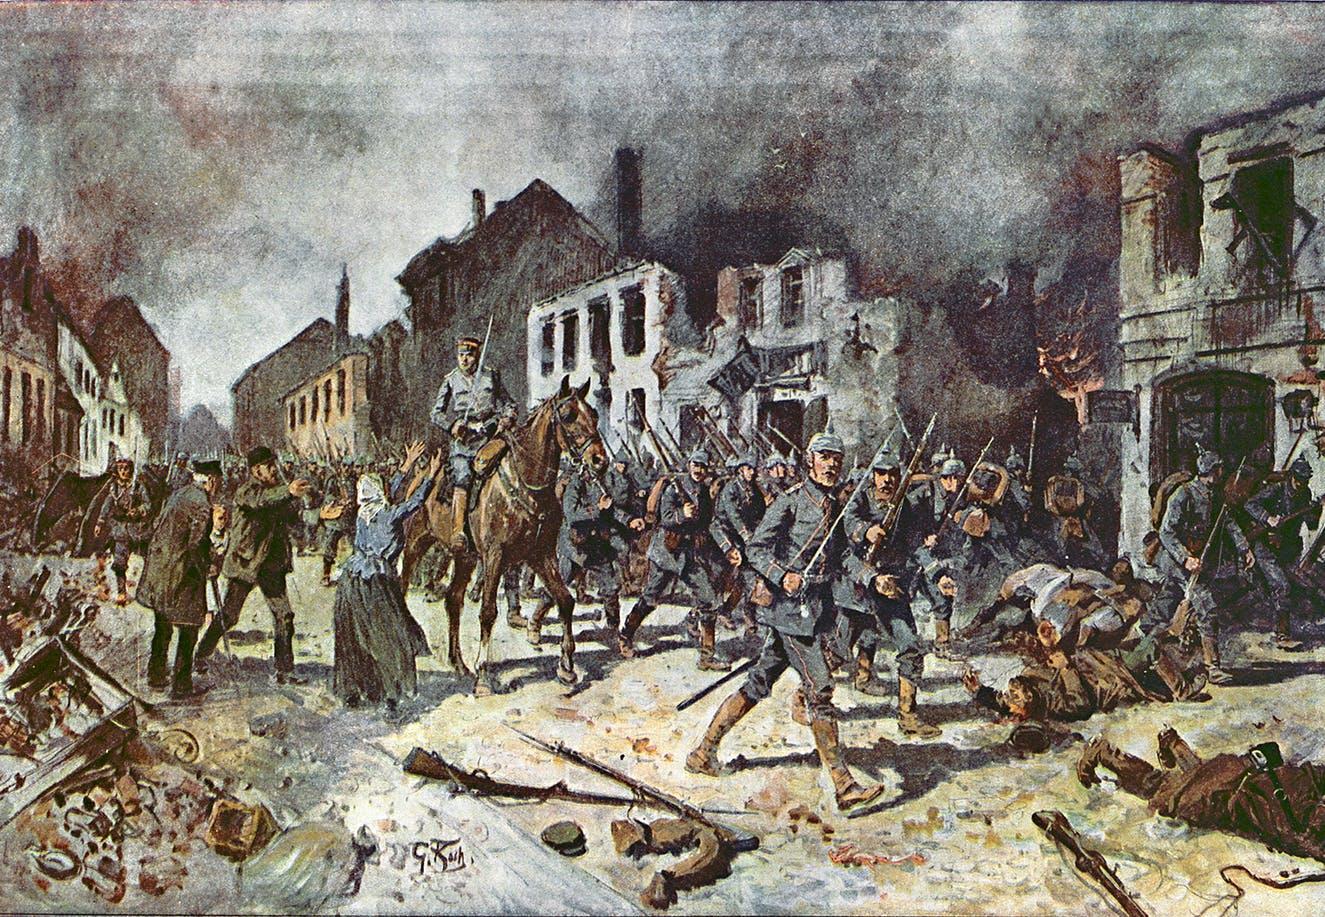 Syv spørgsmål om Europa i 1914 | Altomhistorie.dk